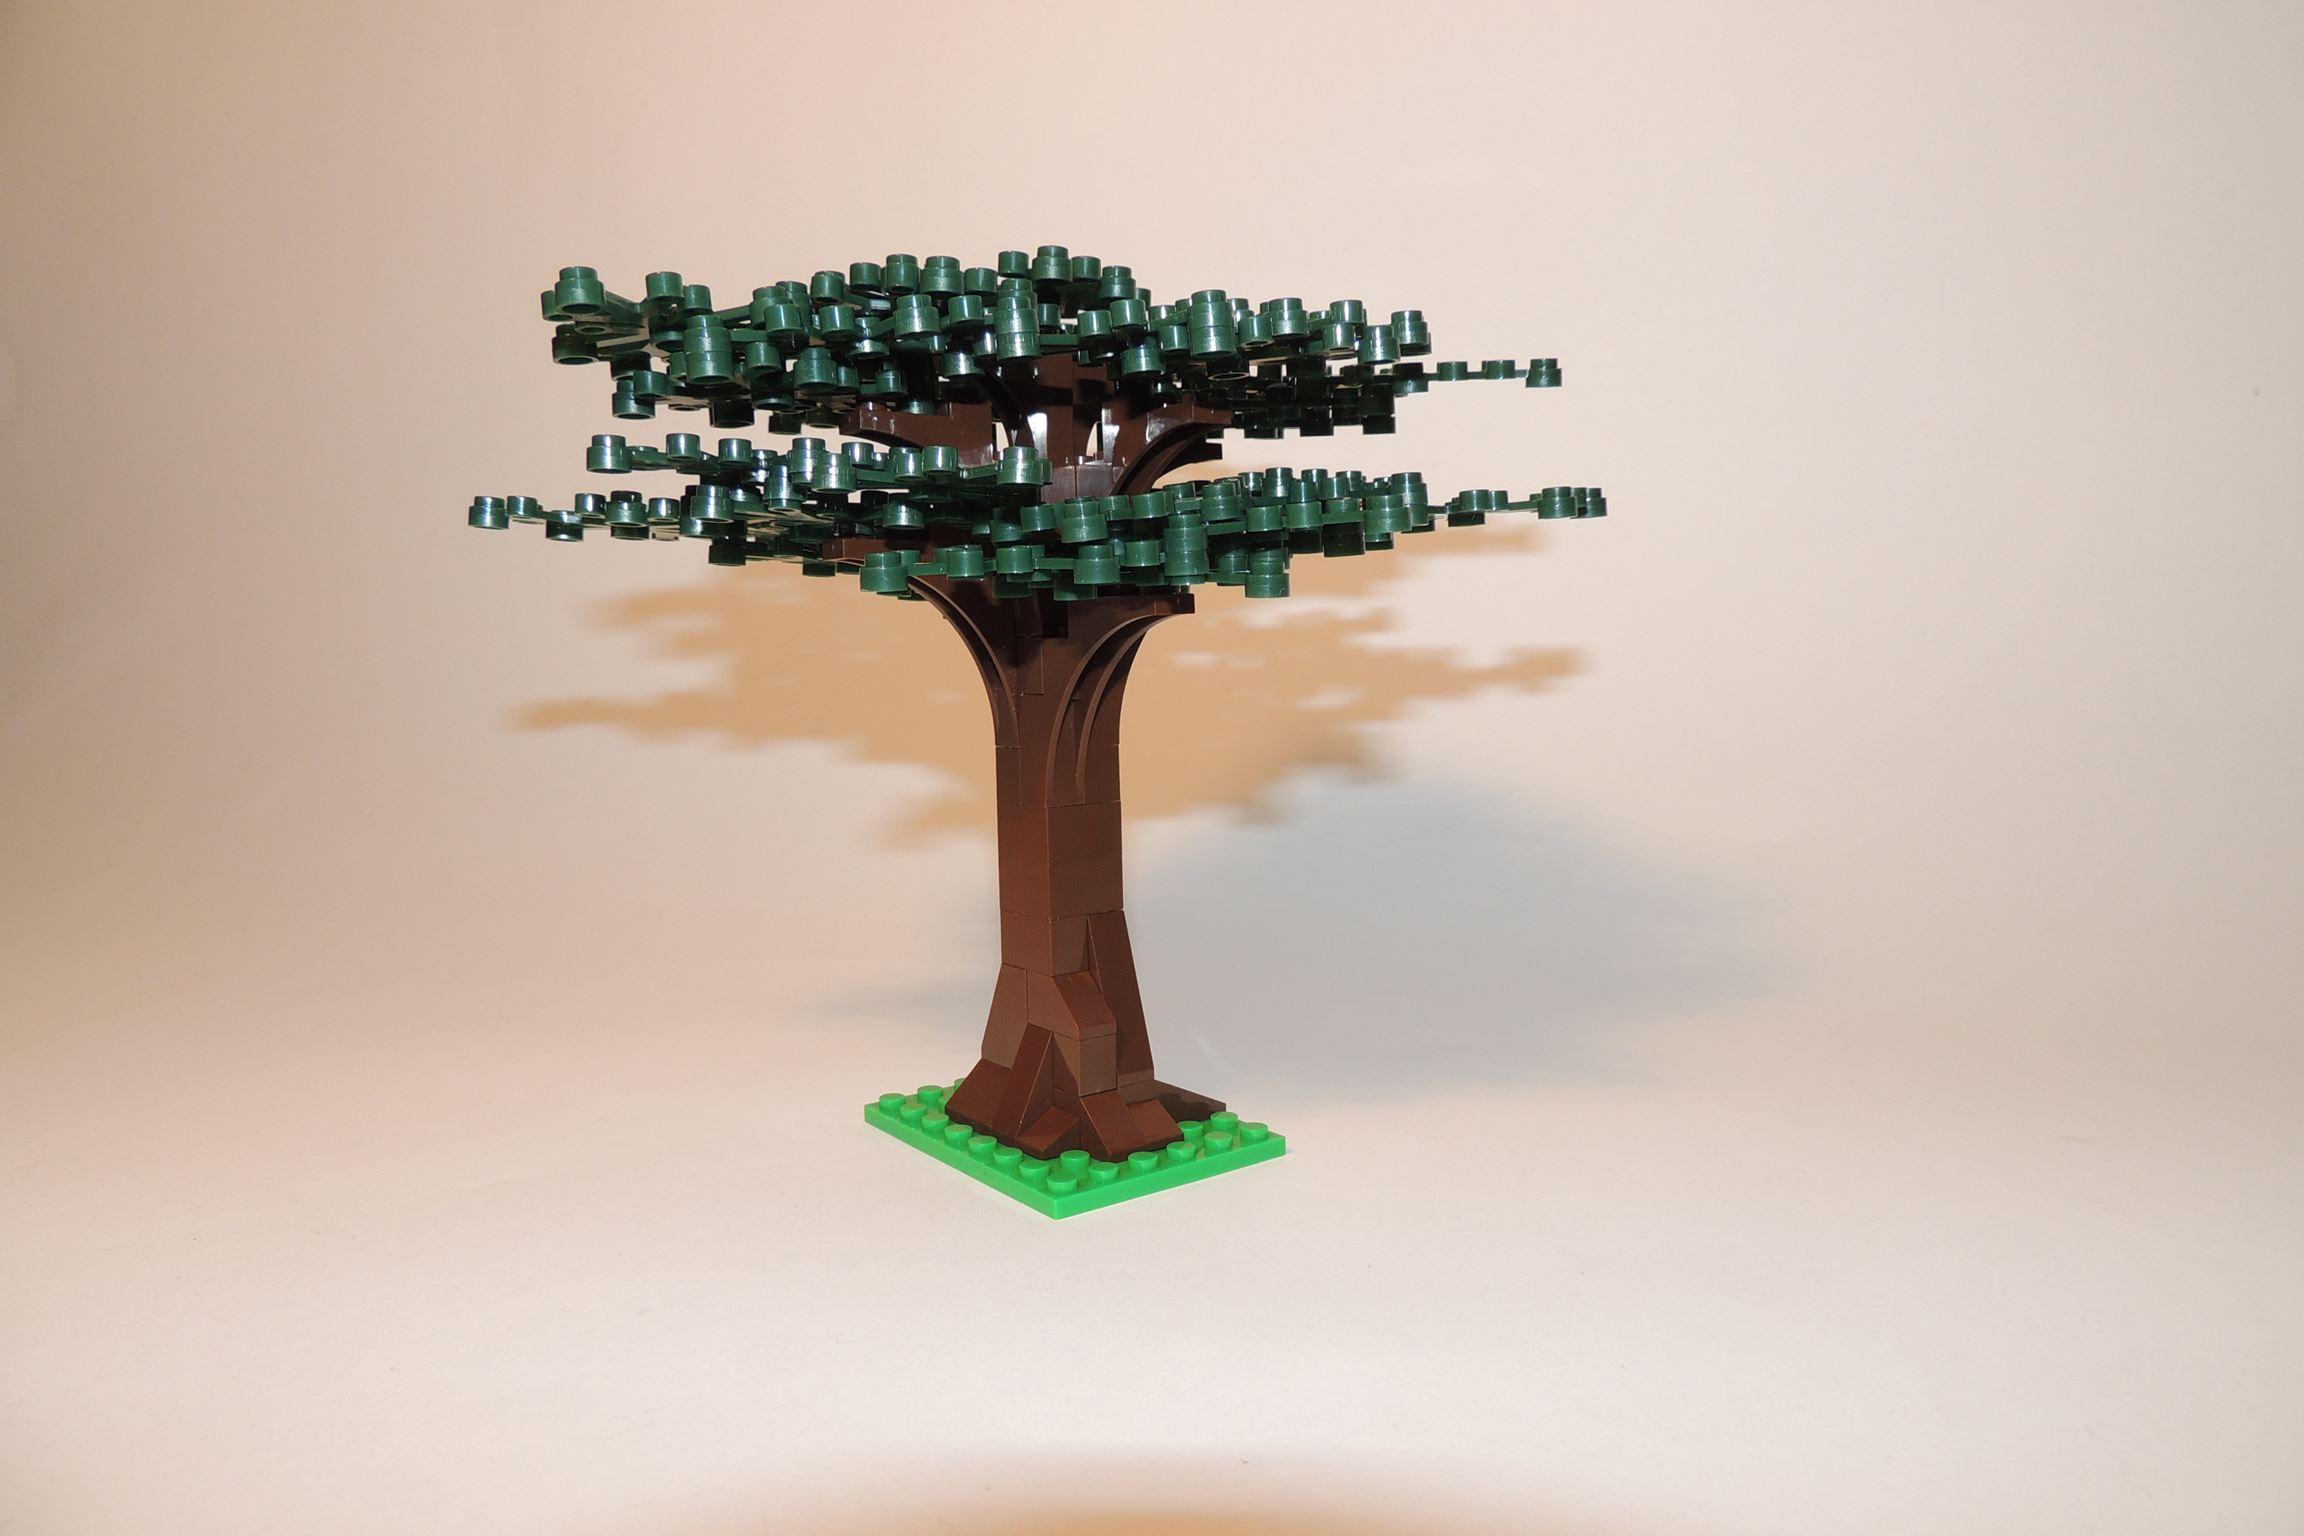 Ungetrübter Blick auf den Baum.